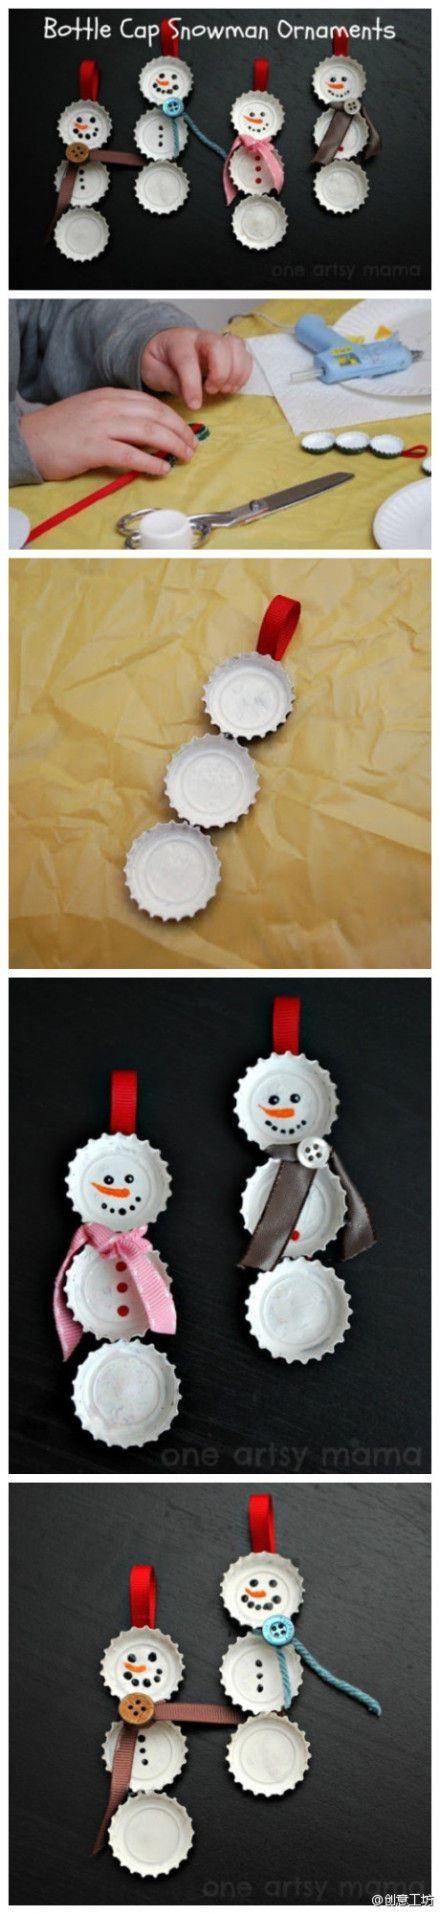 DIY Bottle Cap Snowman DIY Projects